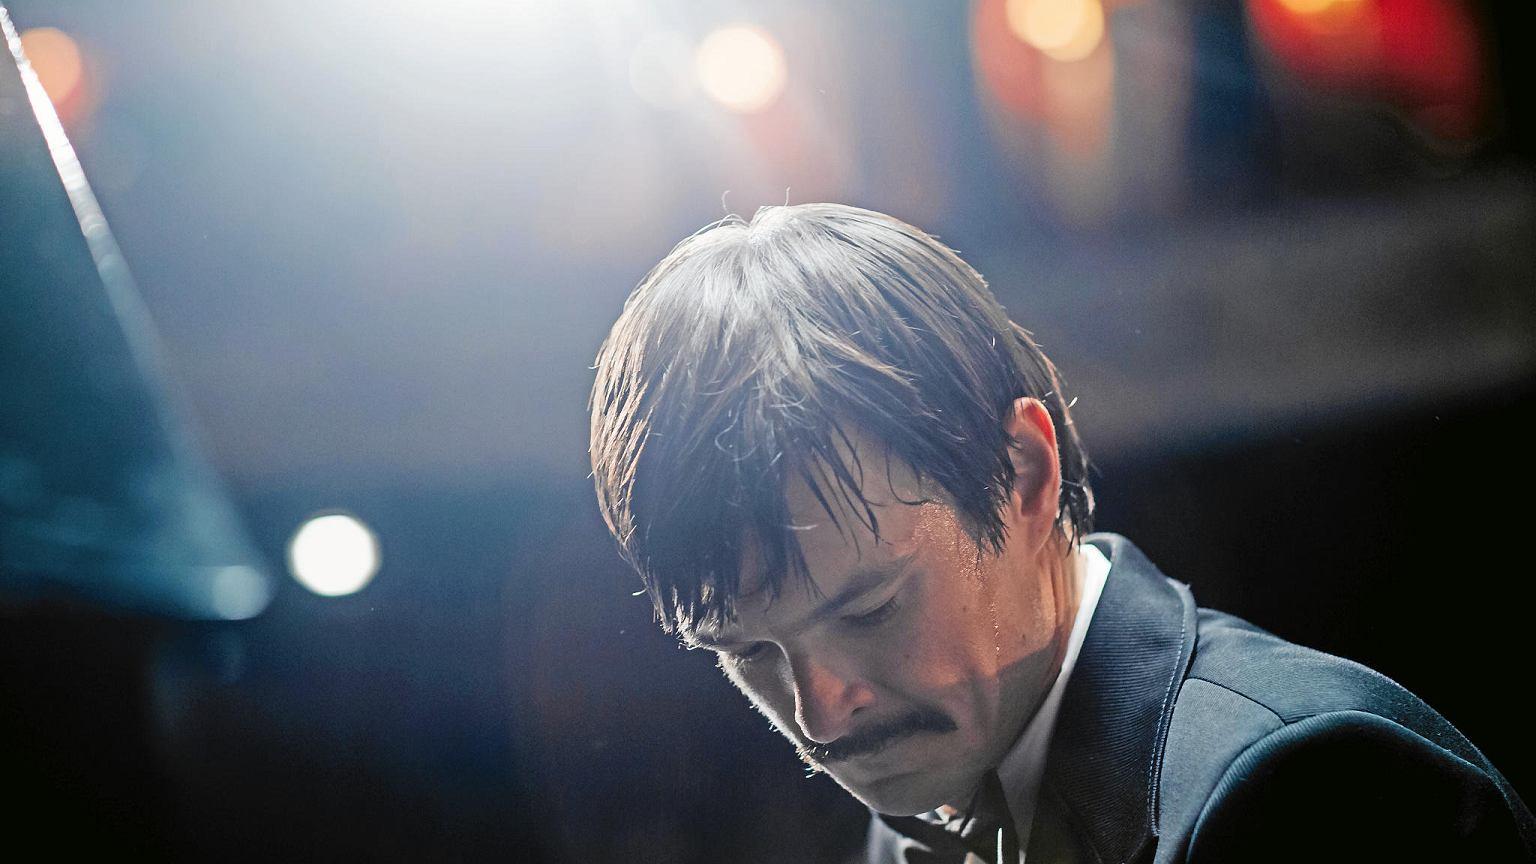 大衛奧格羅尼克演出《只有悲傷才是美麗的》得在3個月內熟練「天才盲琴家」米提克柯許所有演奏技巧